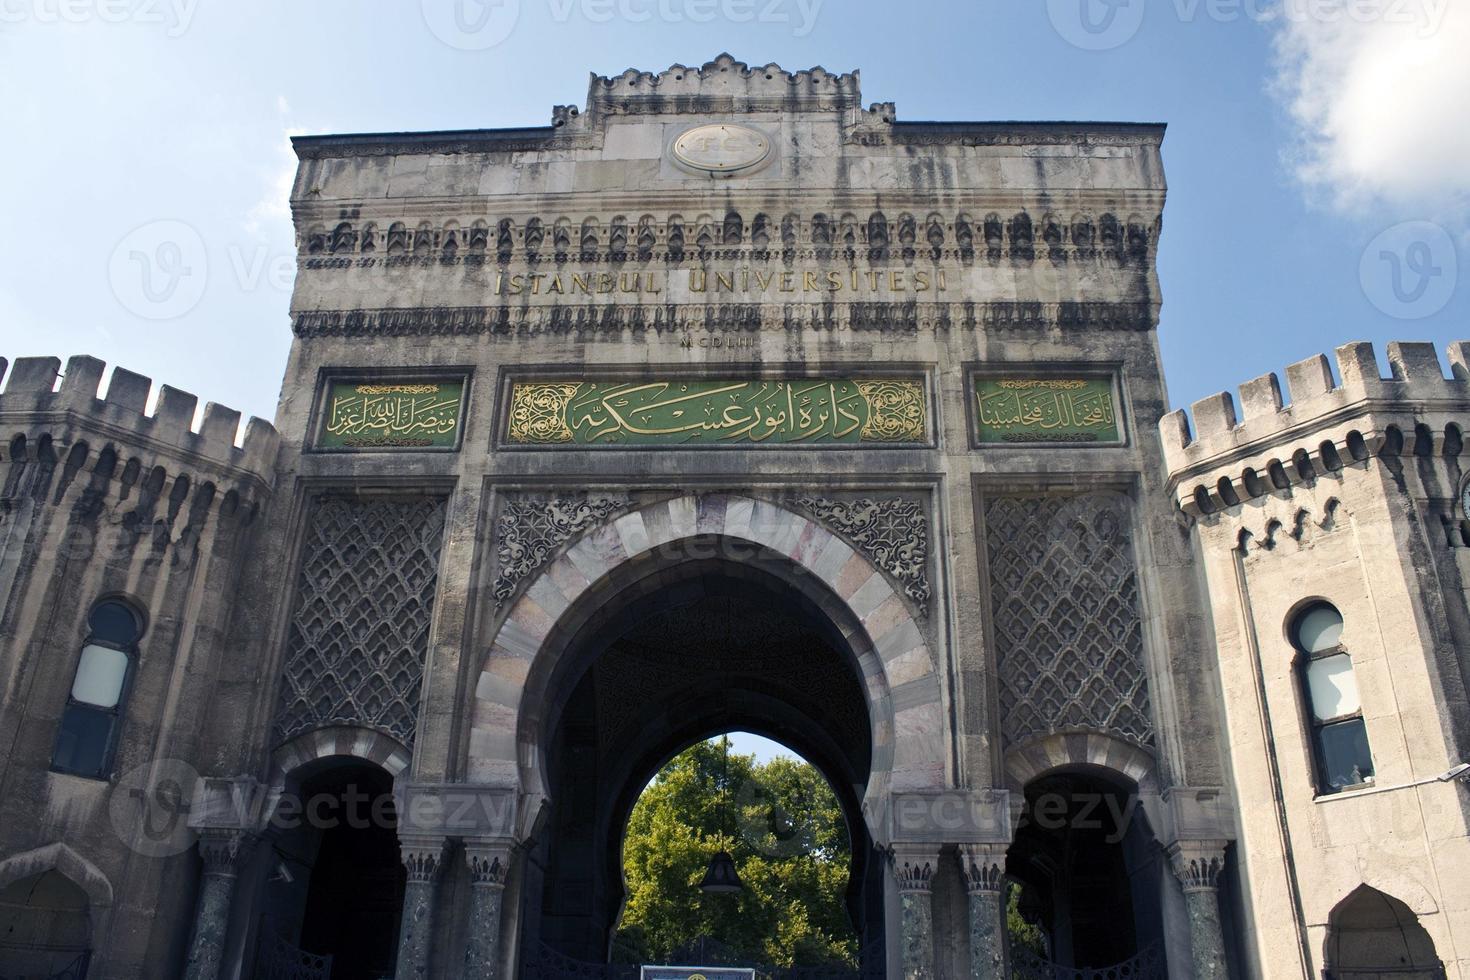 Main entrance to Istanbul univesity photo